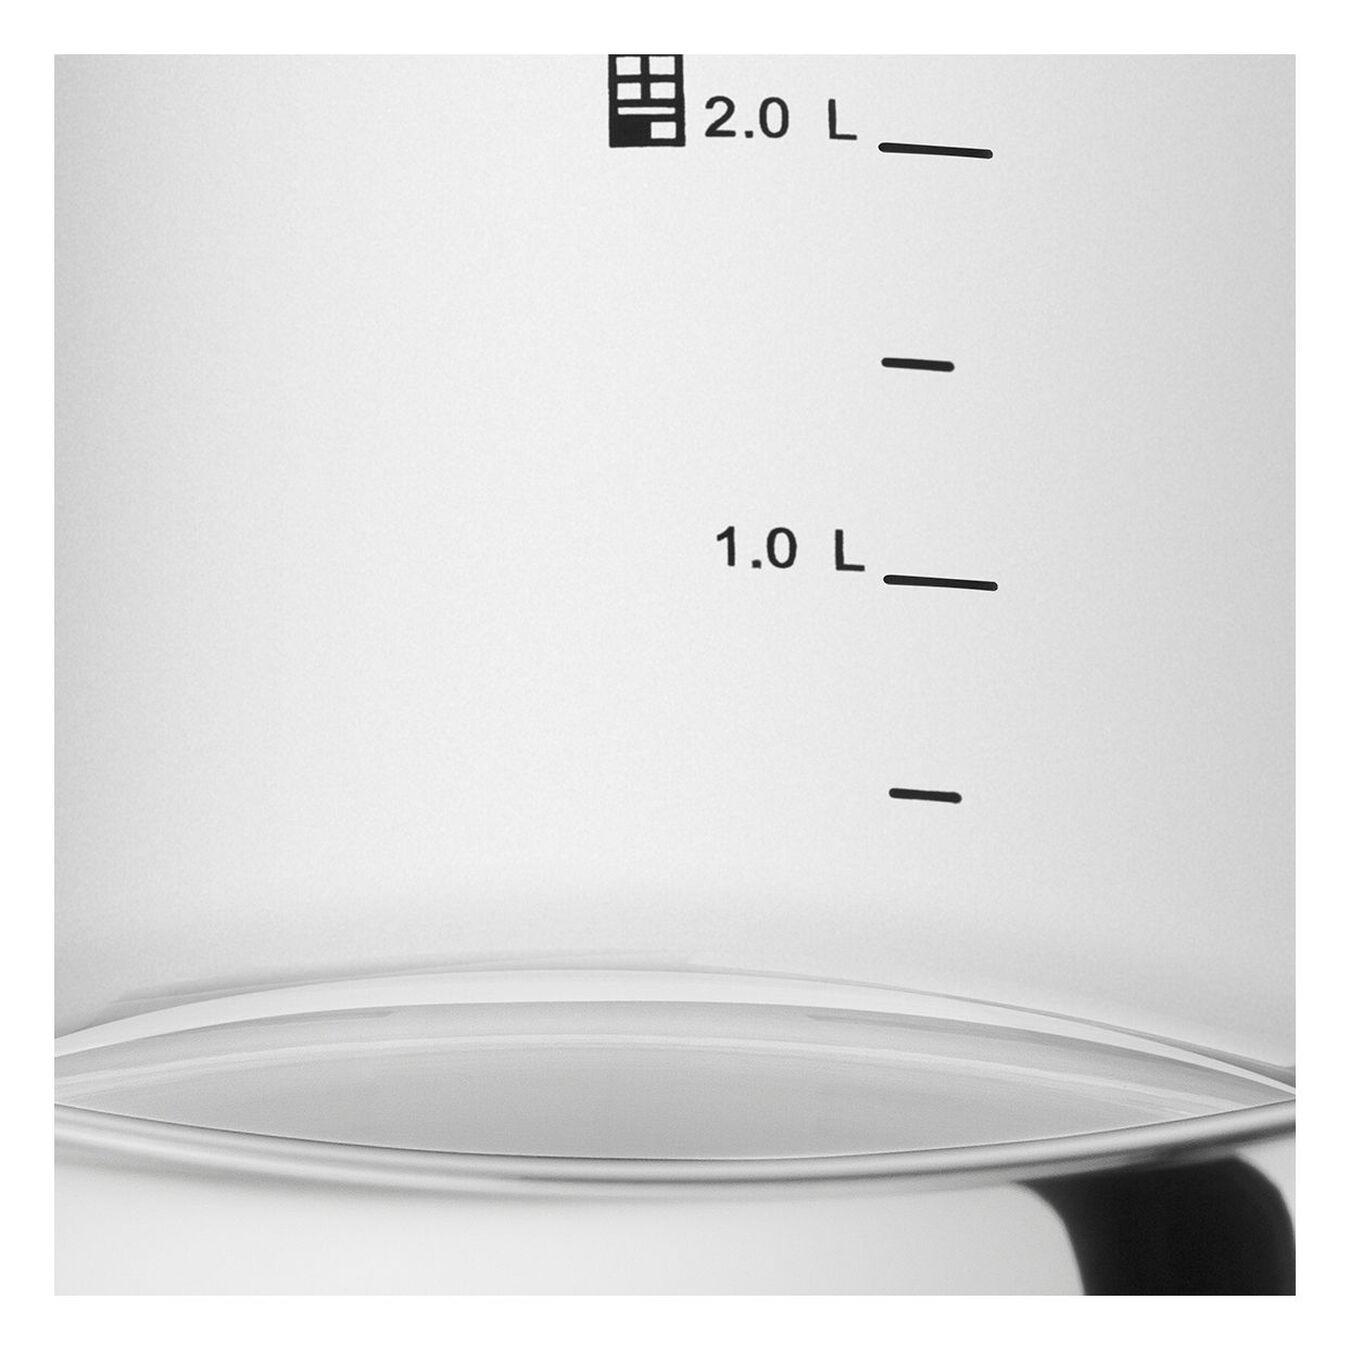 Sığ Tencere | 18/10 Paslanmaz Çelik | 16 cm | Metalik Gri,,large 2